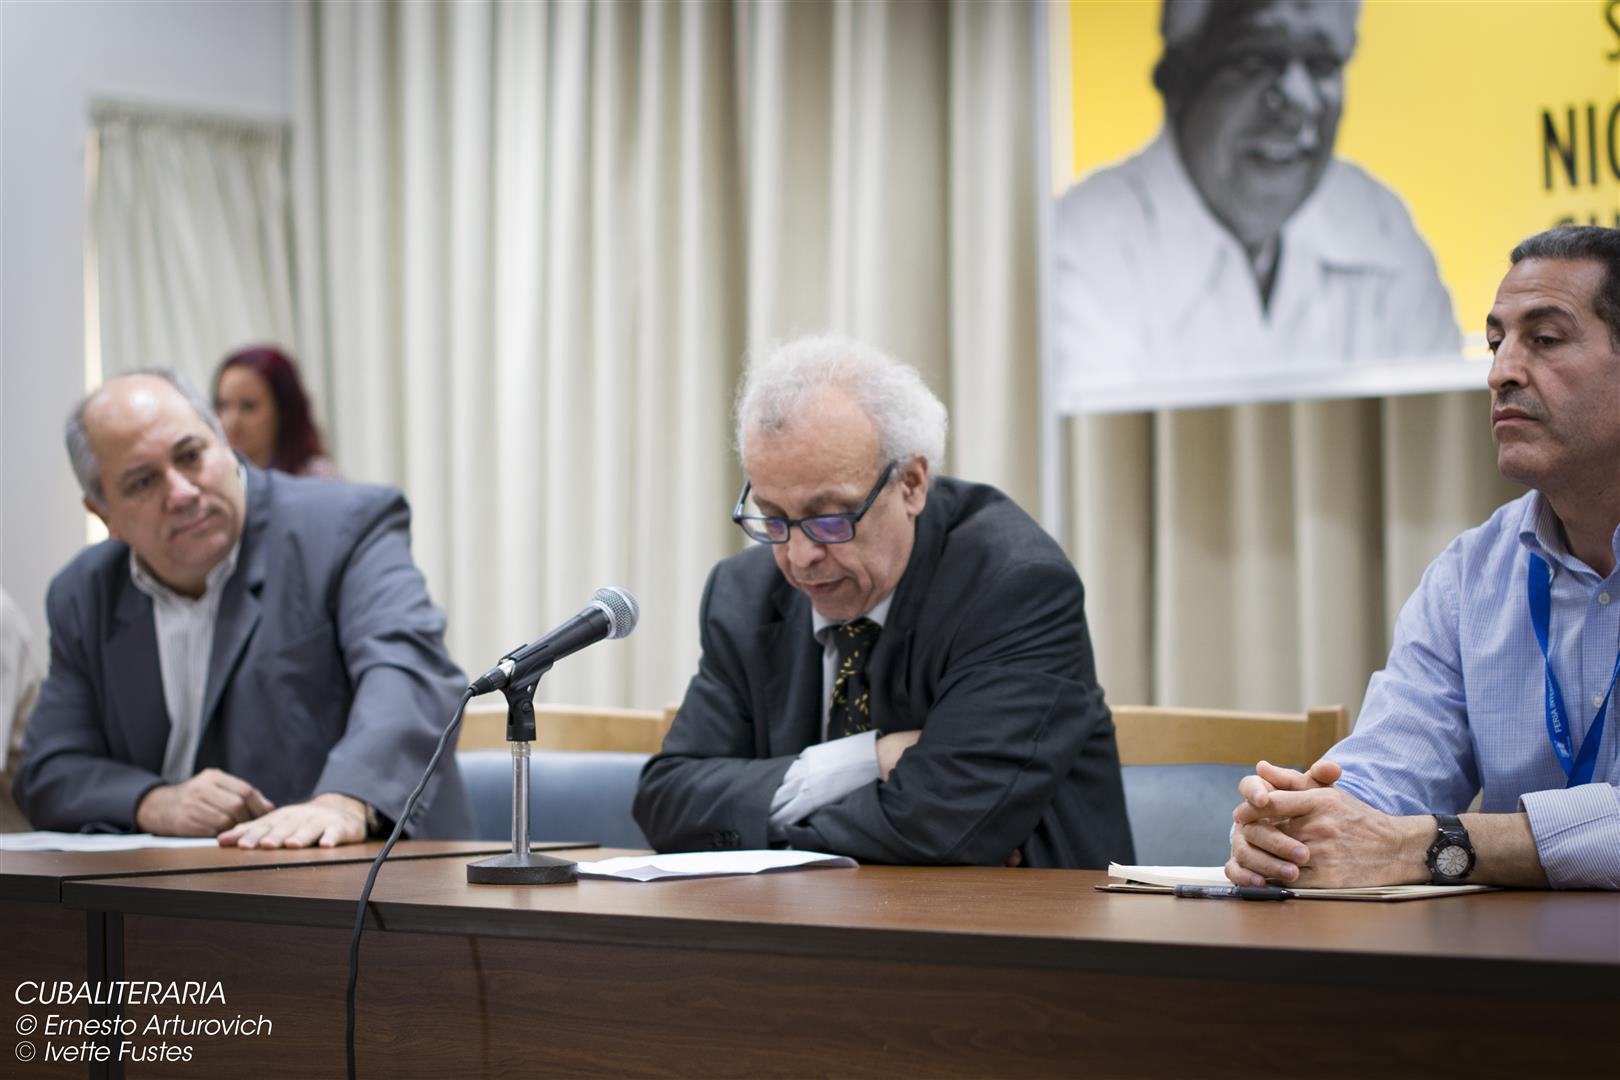 Mahmed Achache, Embajador en Cuba del País Invitado de Honor, Argelia